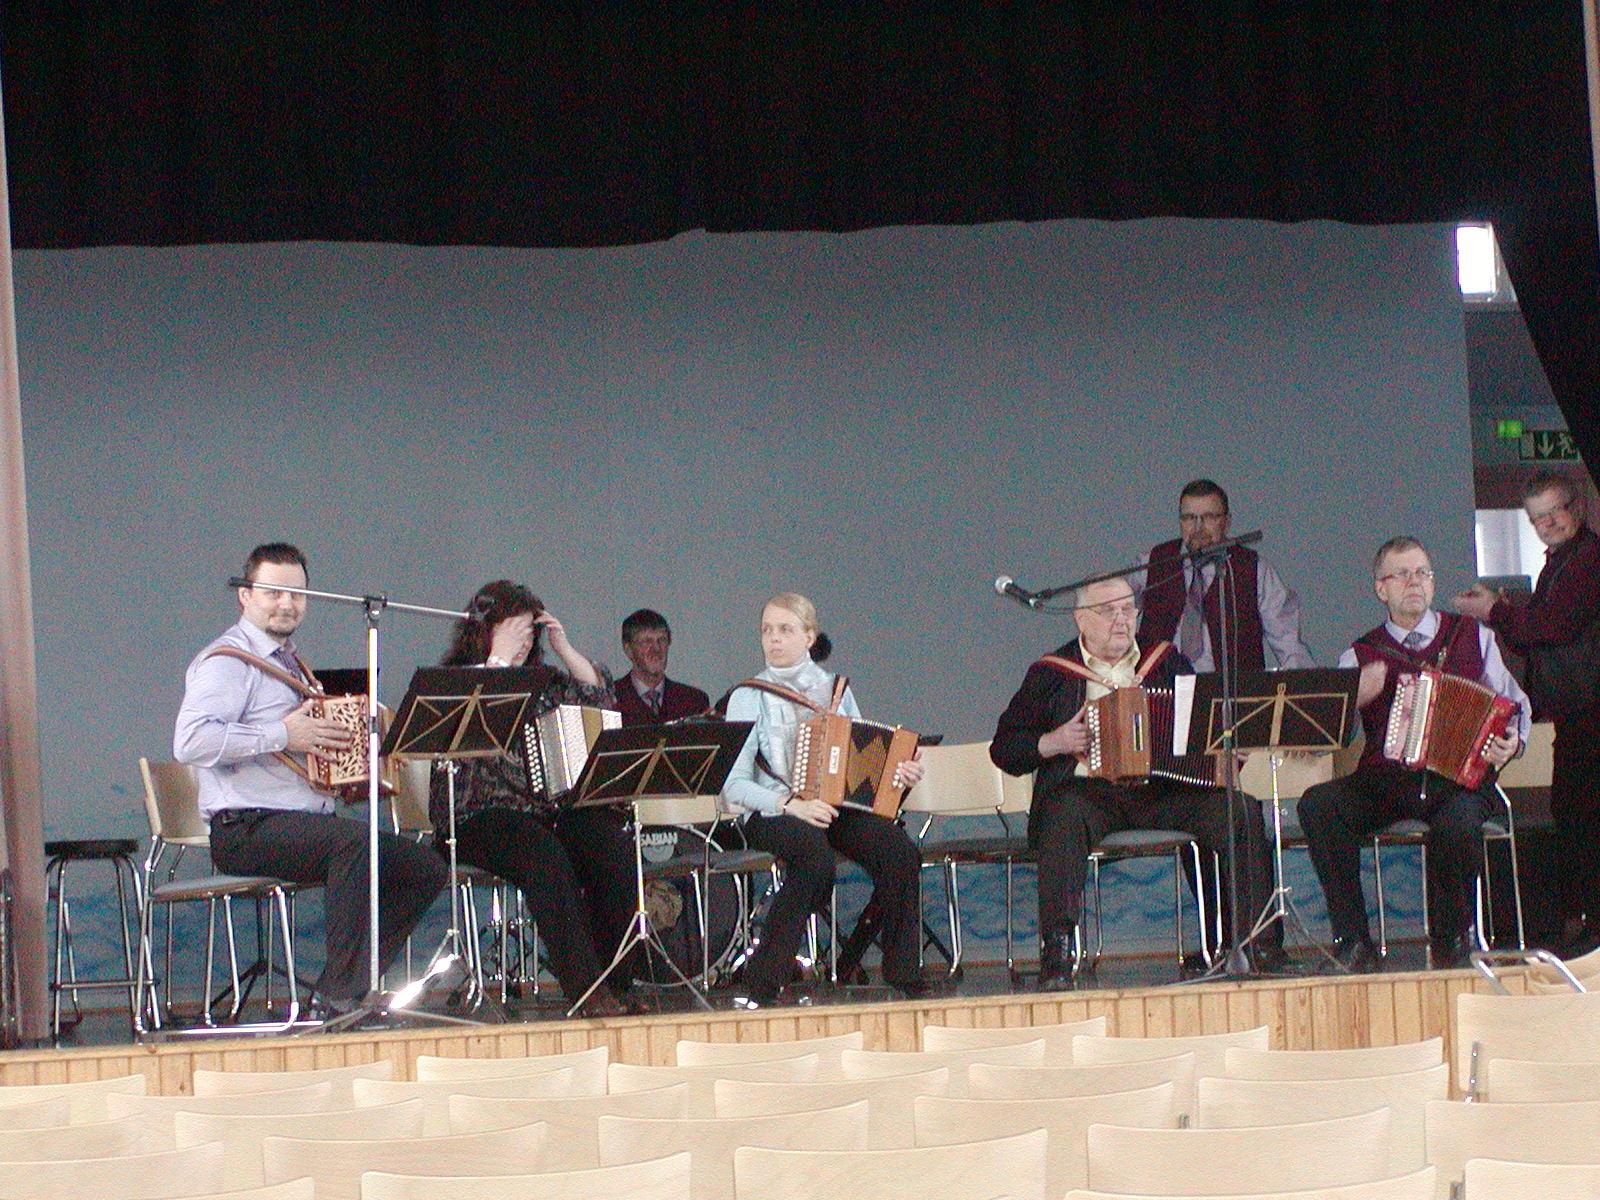 Sotkamon kansanmusiikkikonsertti, Kajaanin kaksiriviset